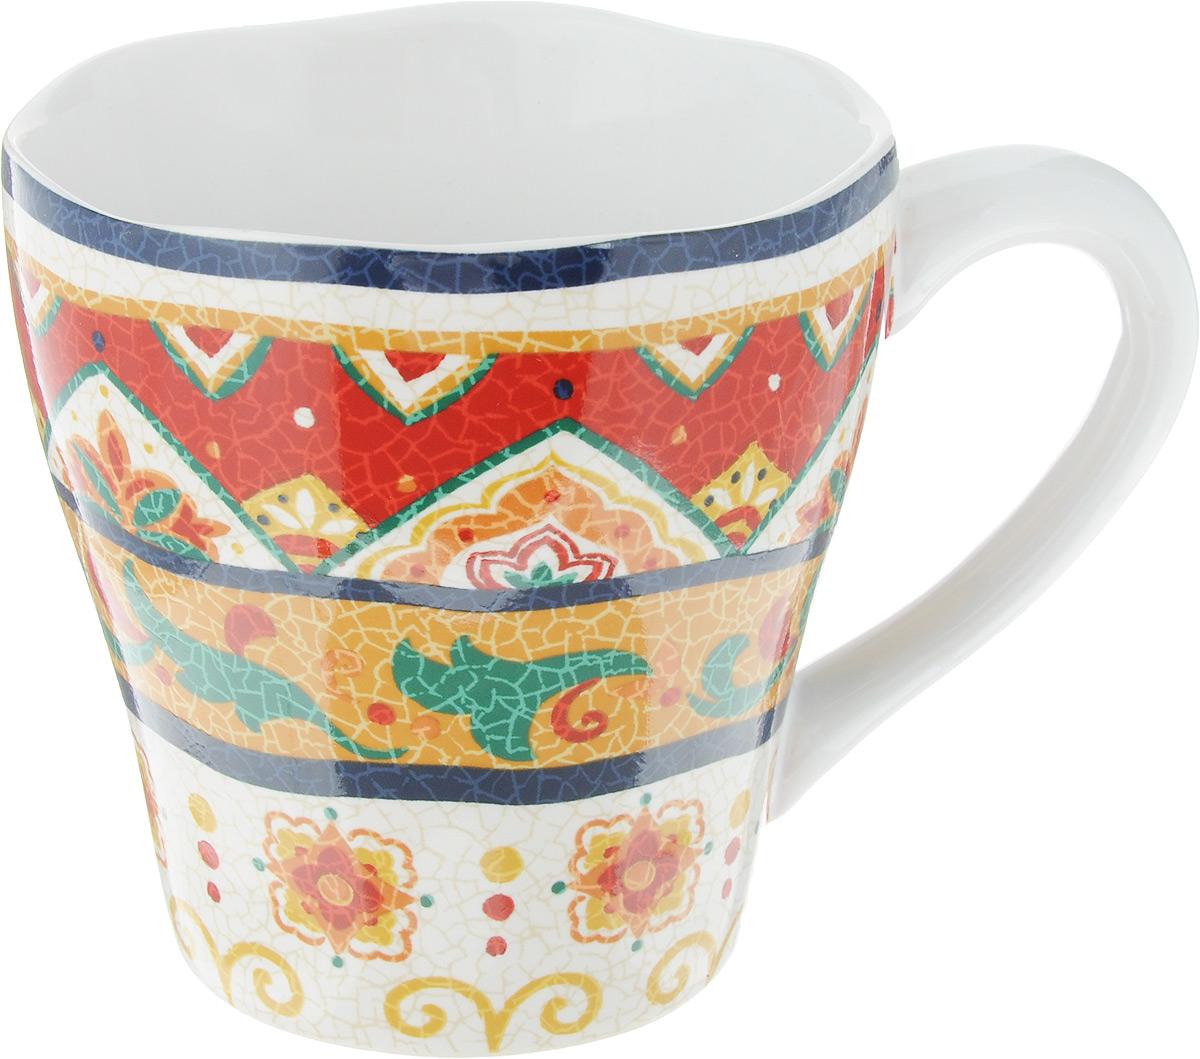 """Кружка Sango Ceramics """"Мессина"""" выполнена из высококачественной керамики с глазурованным покрытием и оформлена оригинальным орнаментом. Такая кружка станет отличным дополнением к сервировке семейного стола и замечательным подарком для ваших родных и друзей. Можно использовать в микроволновой печи и мыть с посудомоечной машине."""